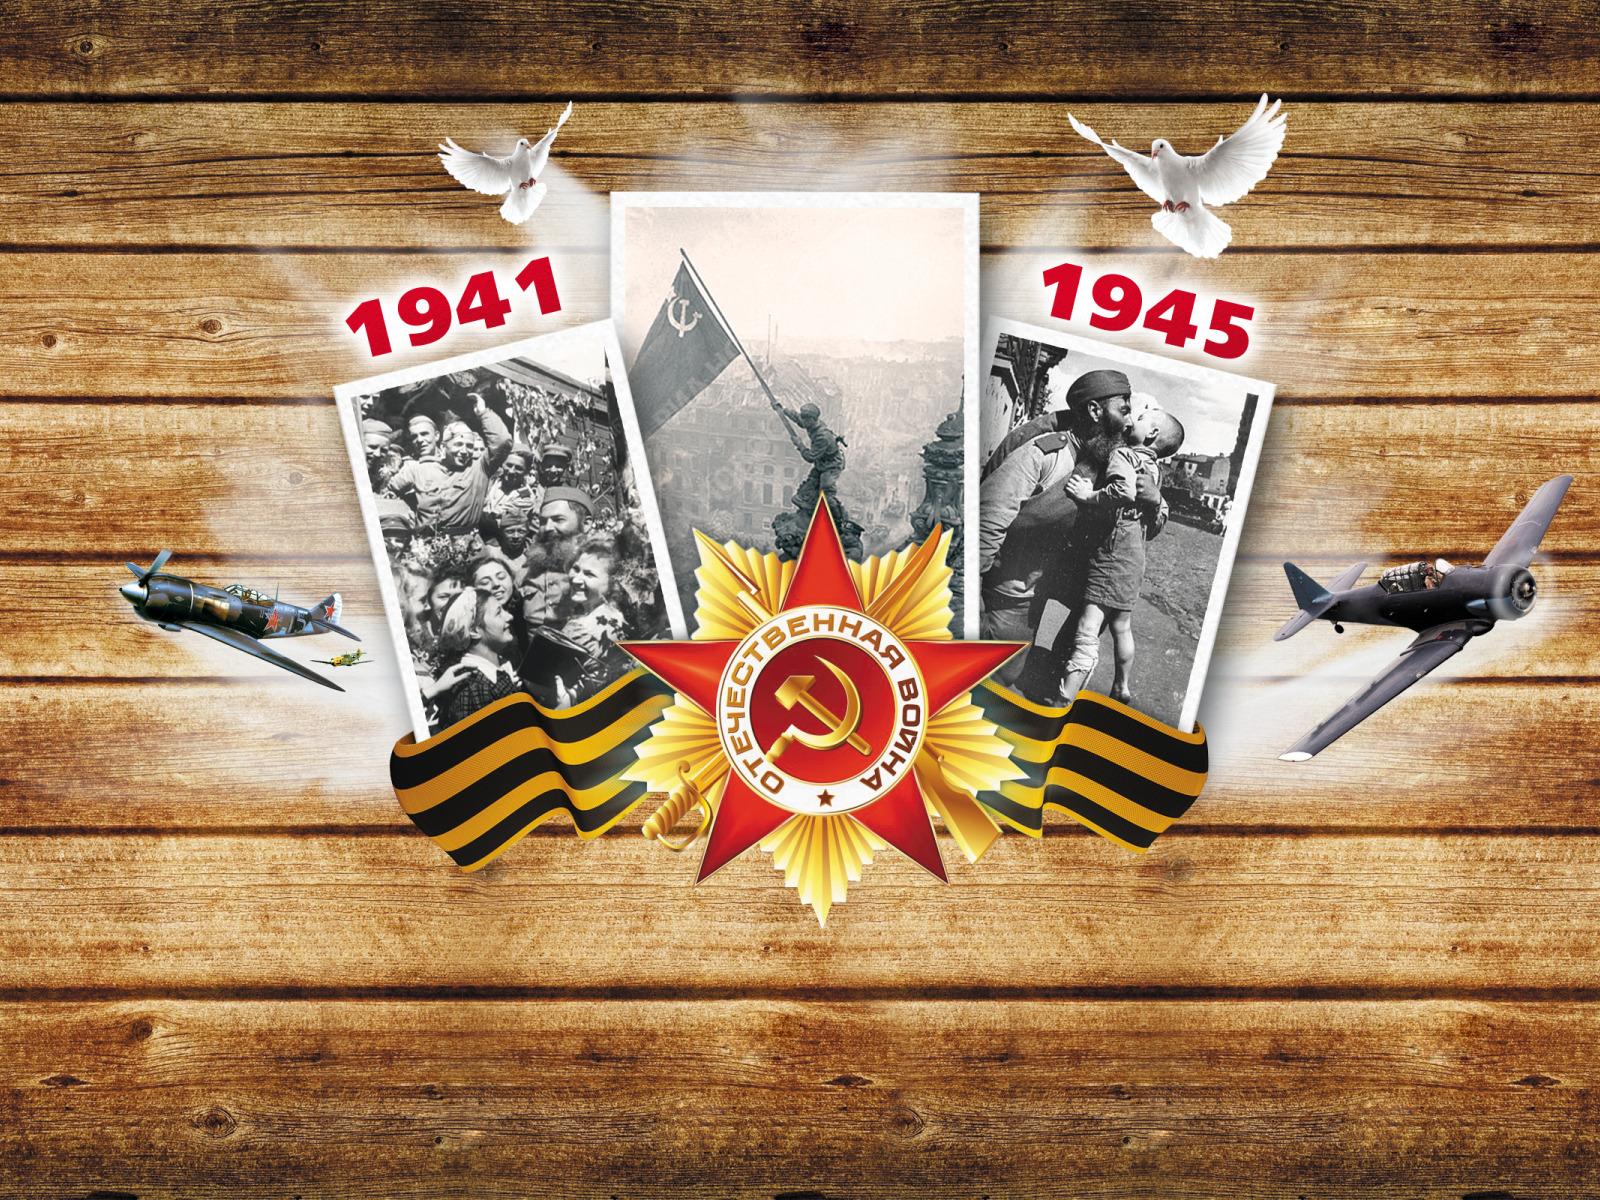 Открытка про войну 1941-1945 для детей, день красоты картинки